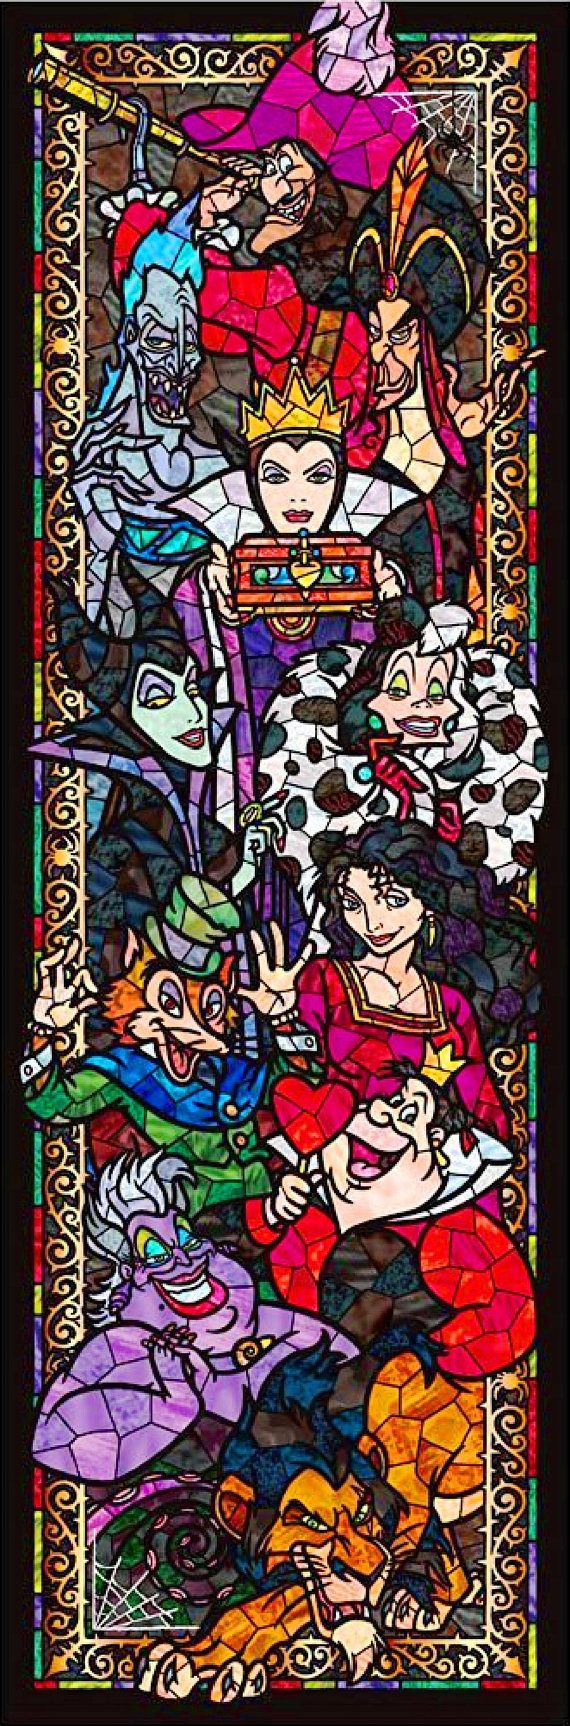 Disney Villains Wallpaper 570x1726 Download Hd Wallpaper Wallpapertip